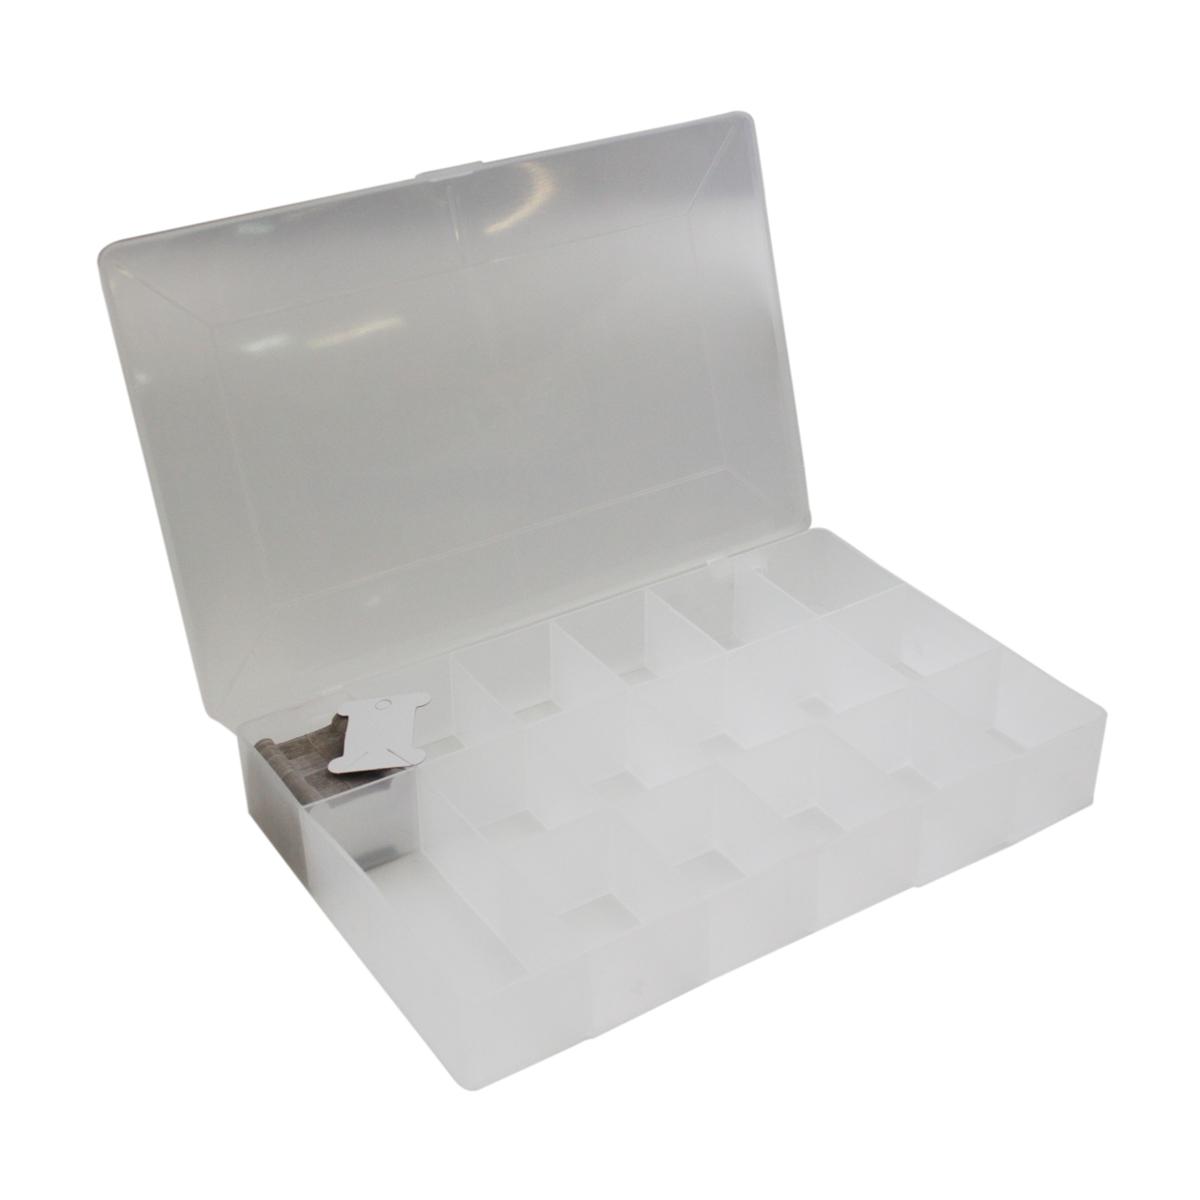 Органайзер для мулине Milword Embroidery Box large7714632Органайзер - идеальное хранилище для ниток мулине. К органайзеру прилагаются 100 картонных бобин для удобства хранения. Размер бабины (ДхВхТ): 4,5 х 6 х 0,1 см.